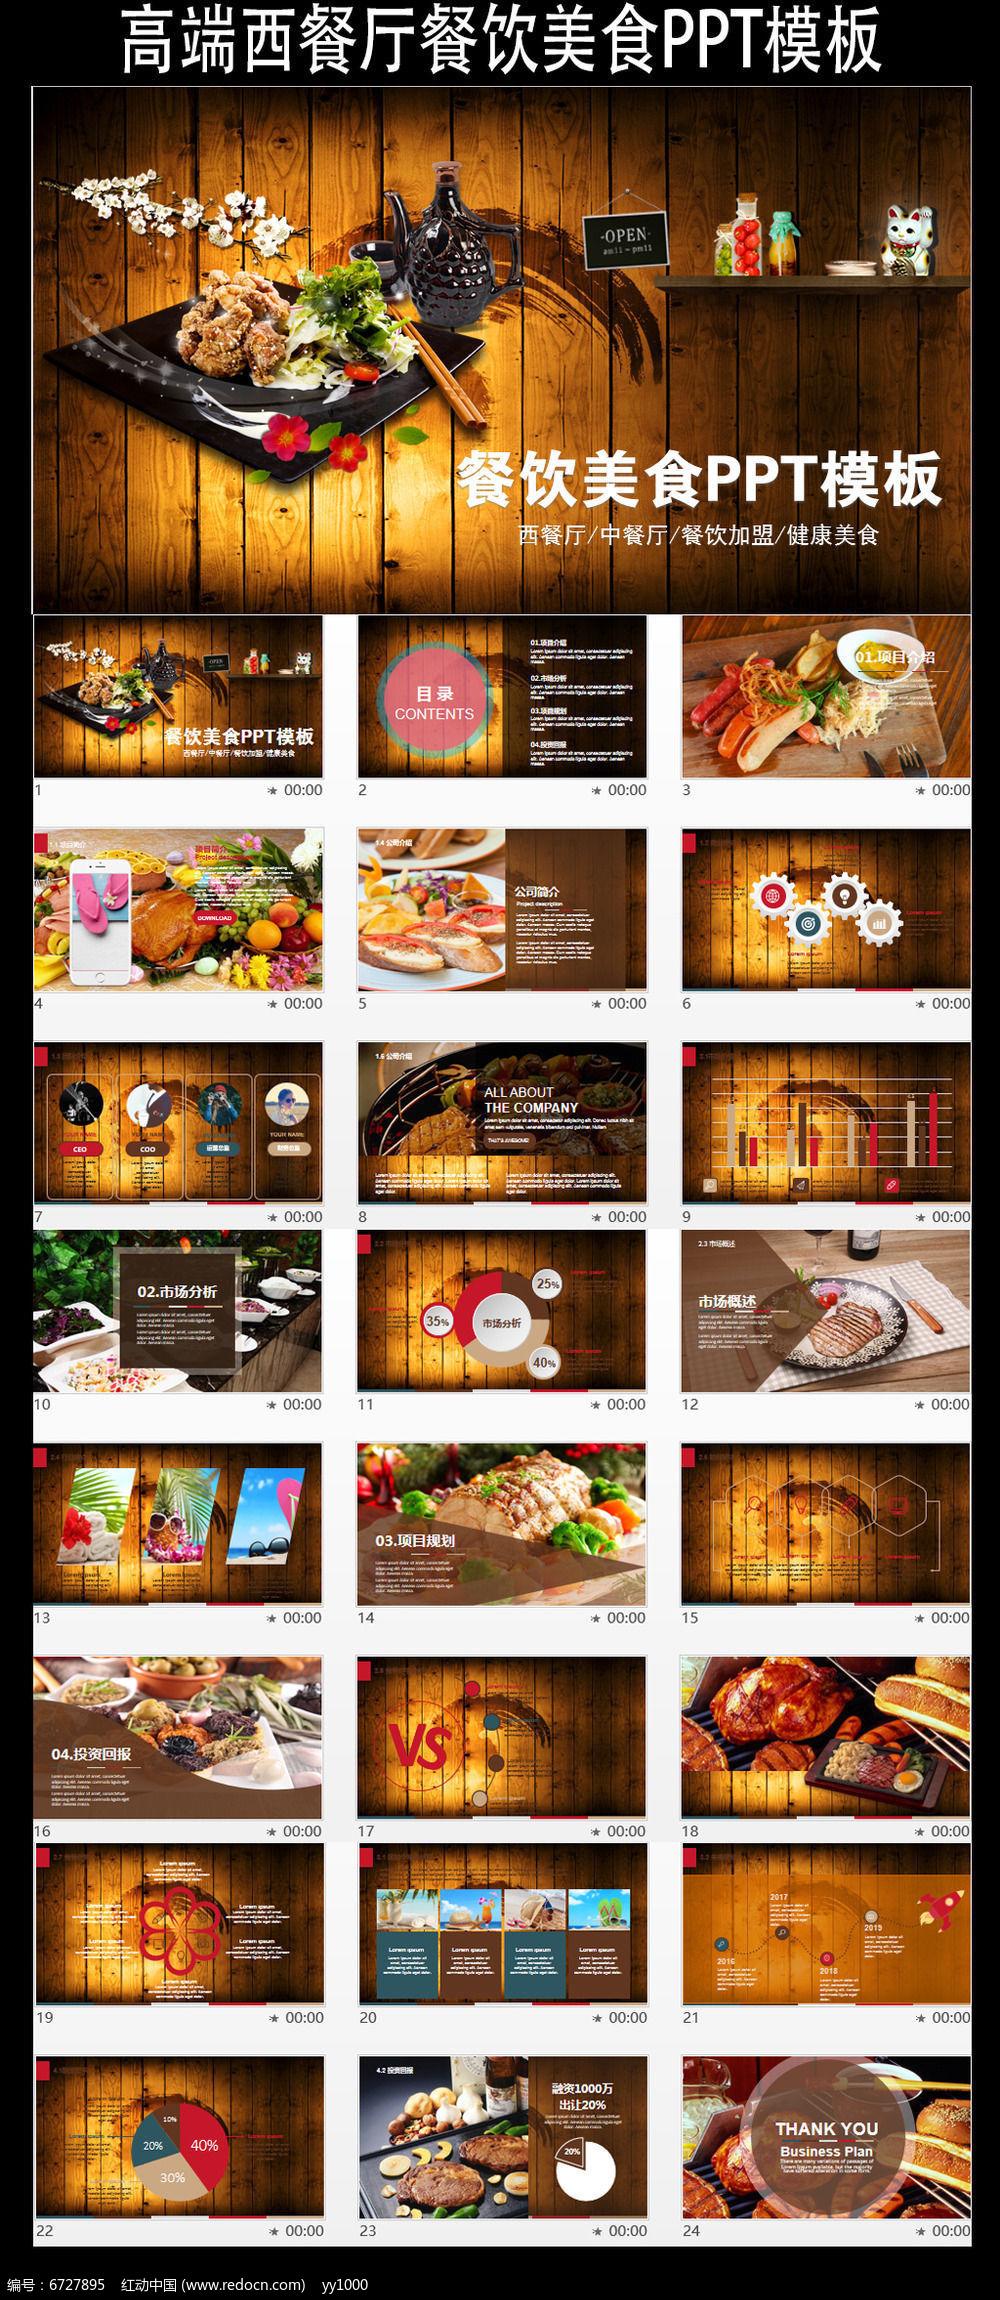 古典高端西餐厅餐饮美食ppt模板